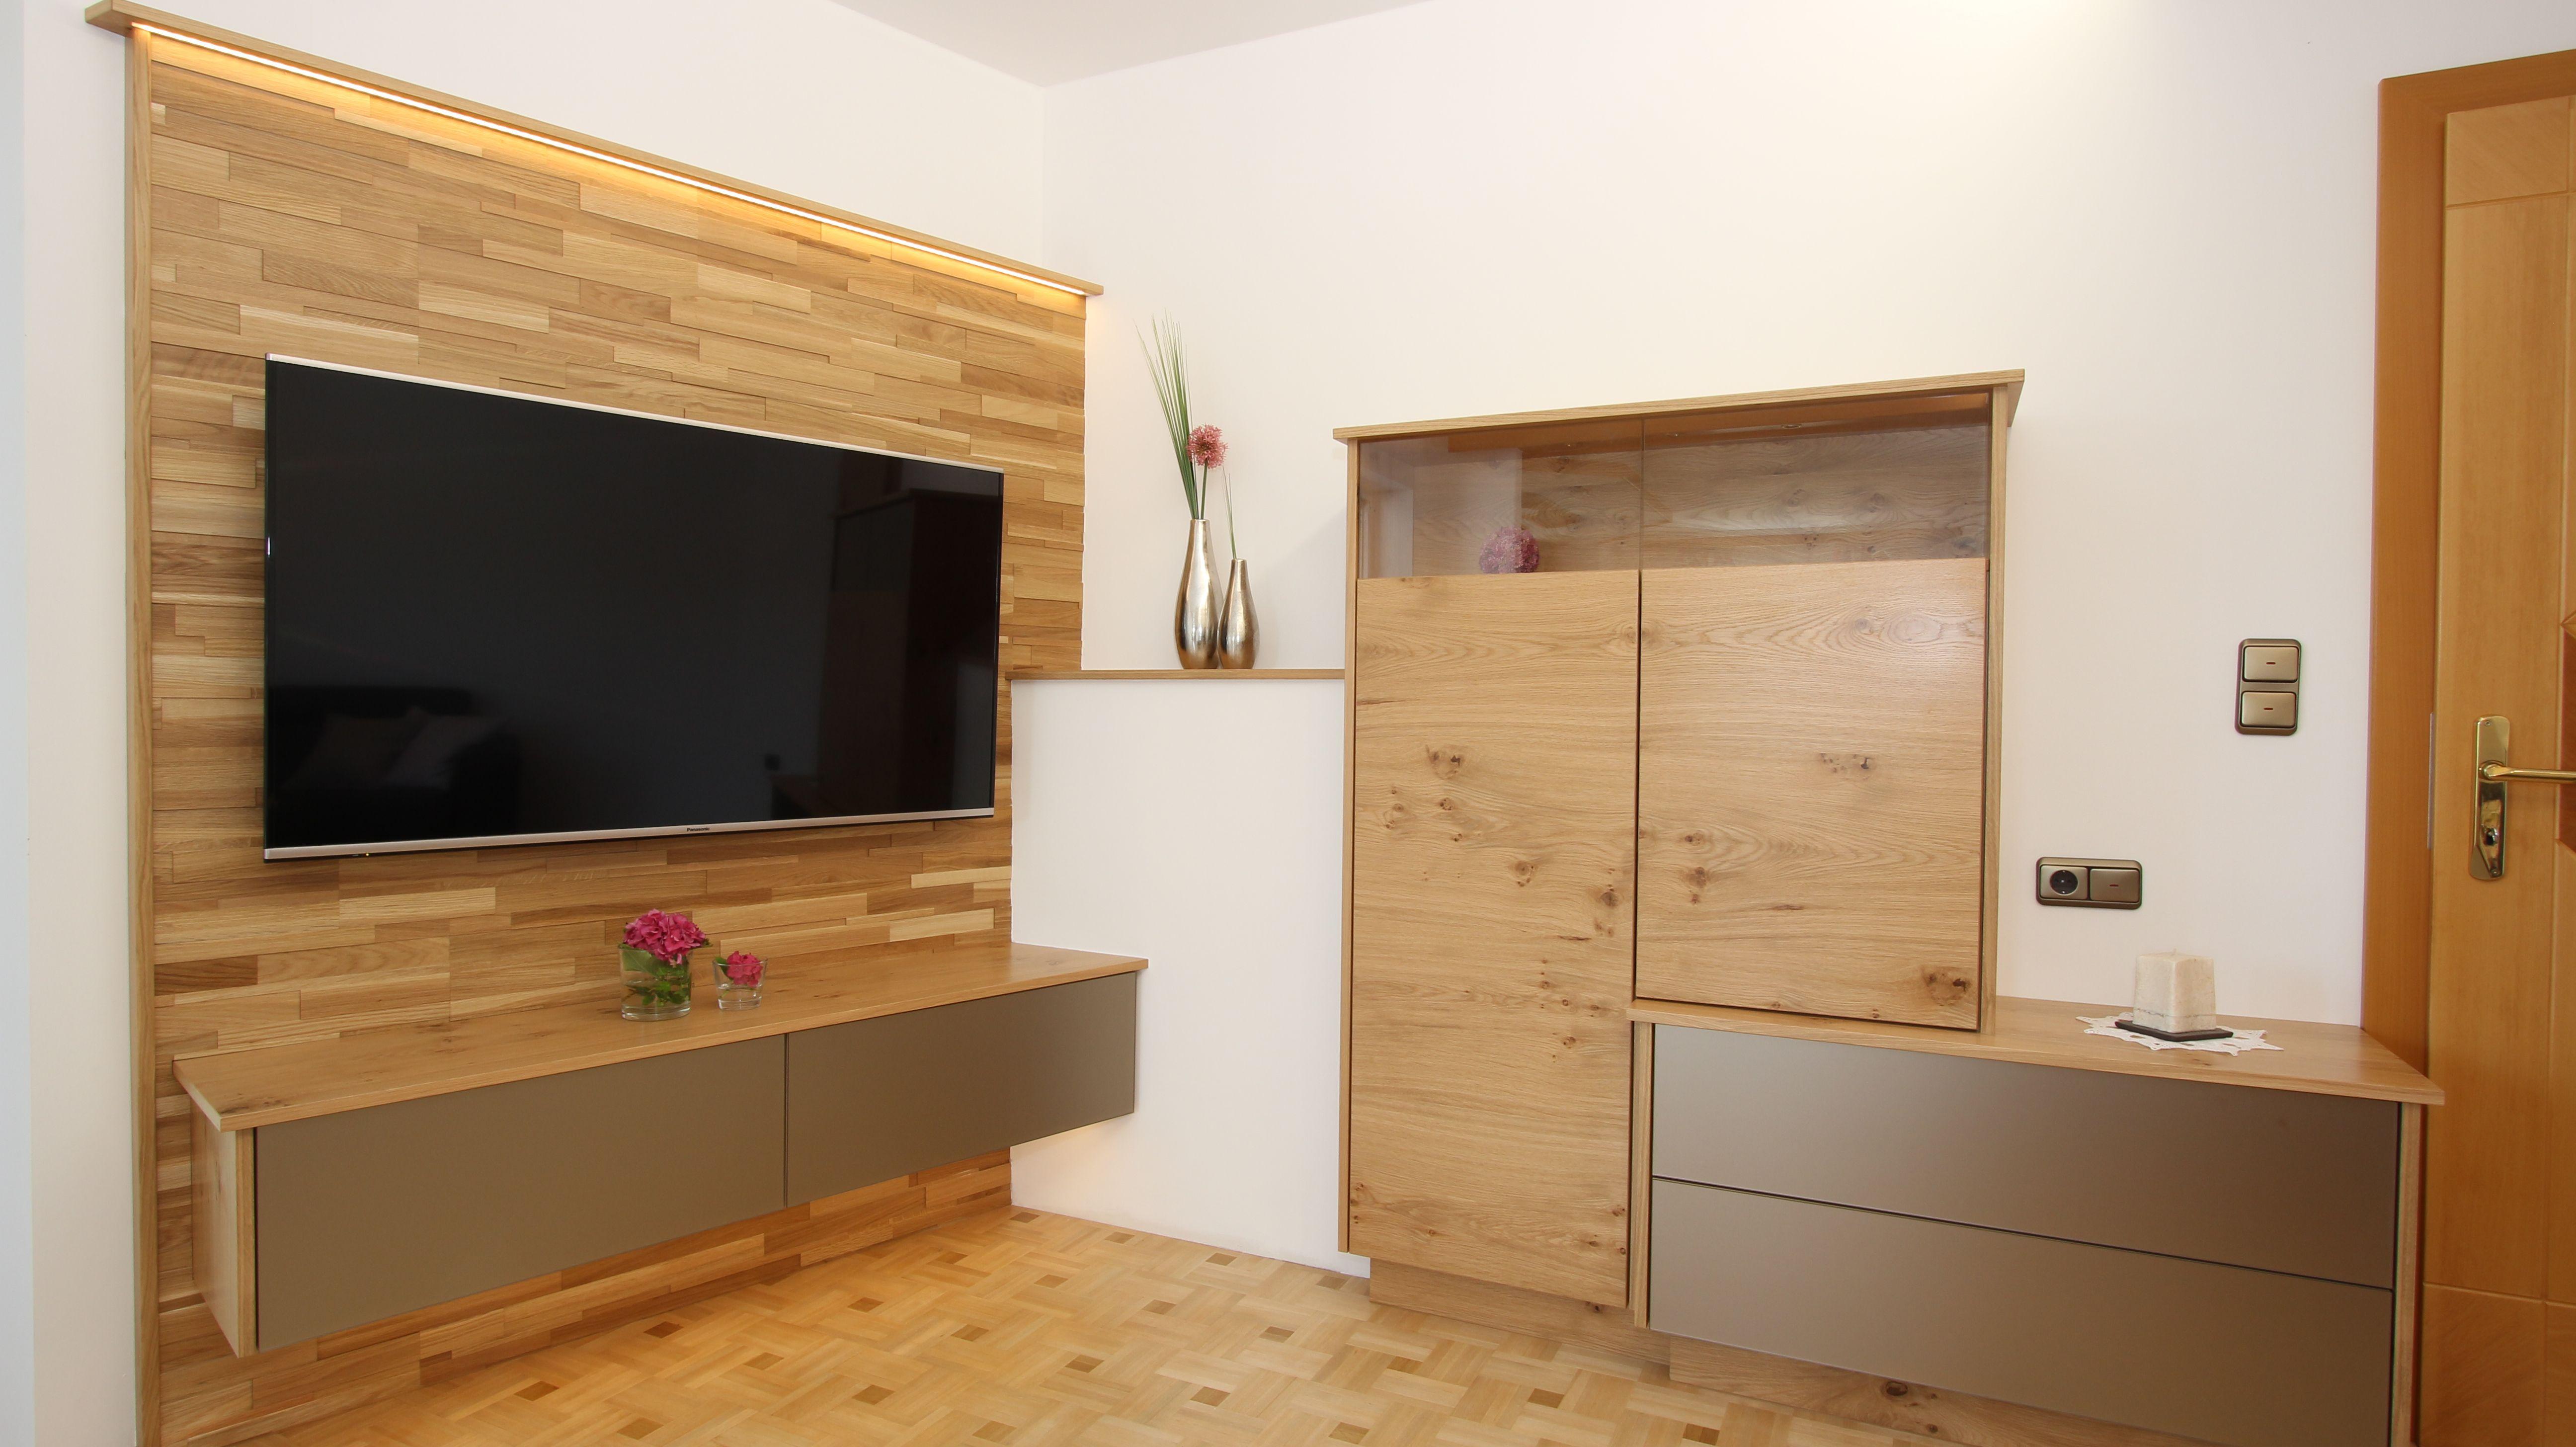 Design Wohnzimmer In Eiche Wohnzimmer Design Und Eiche